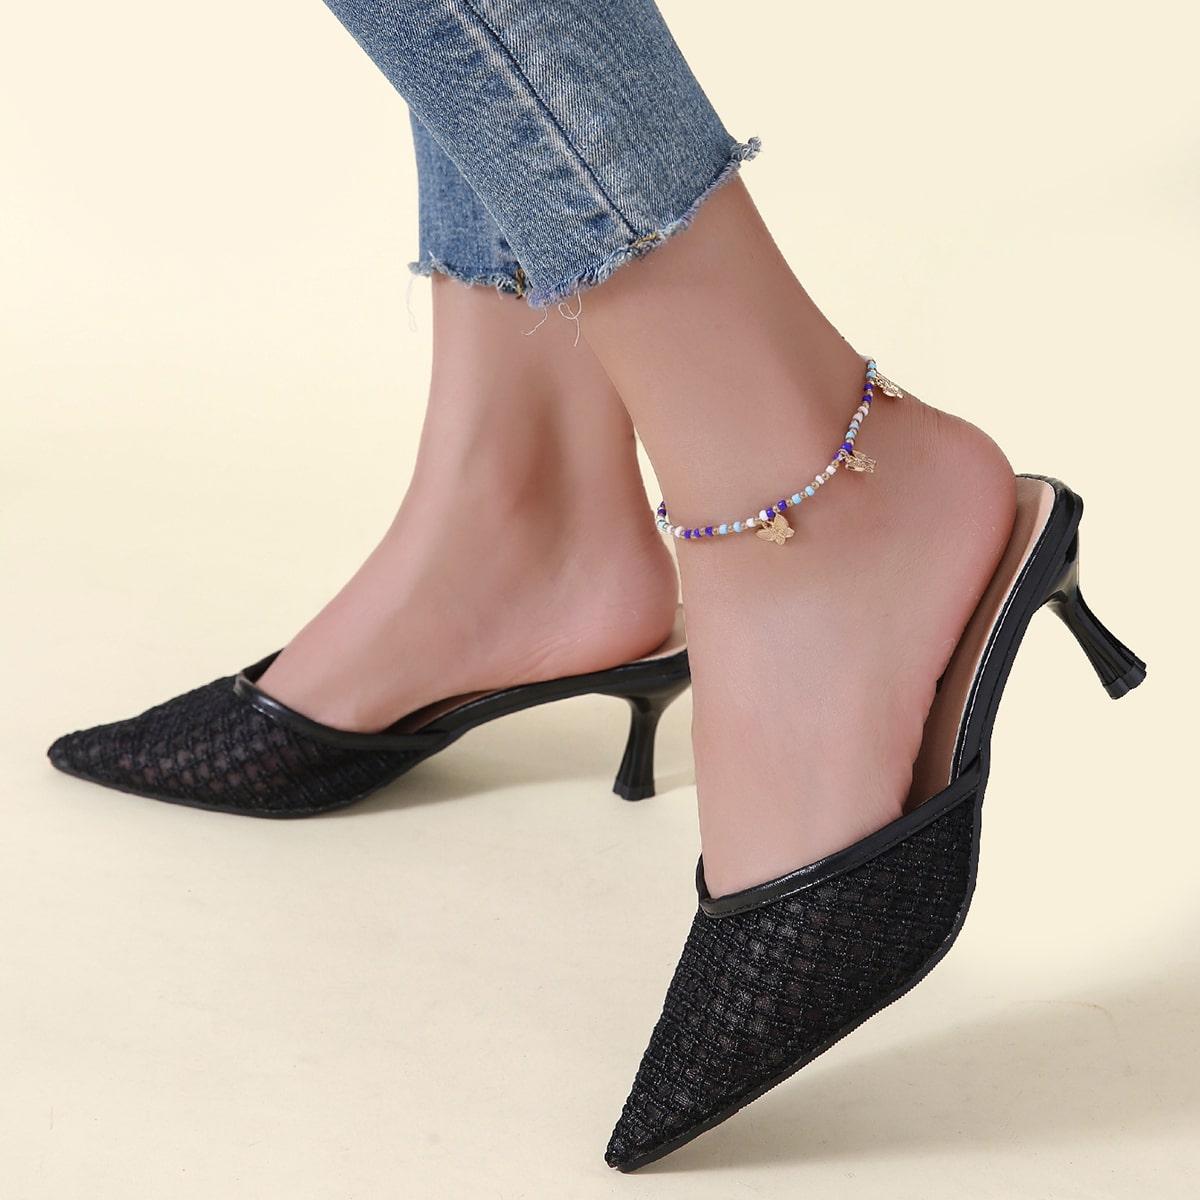 Остроконечные босоножки на каблуке